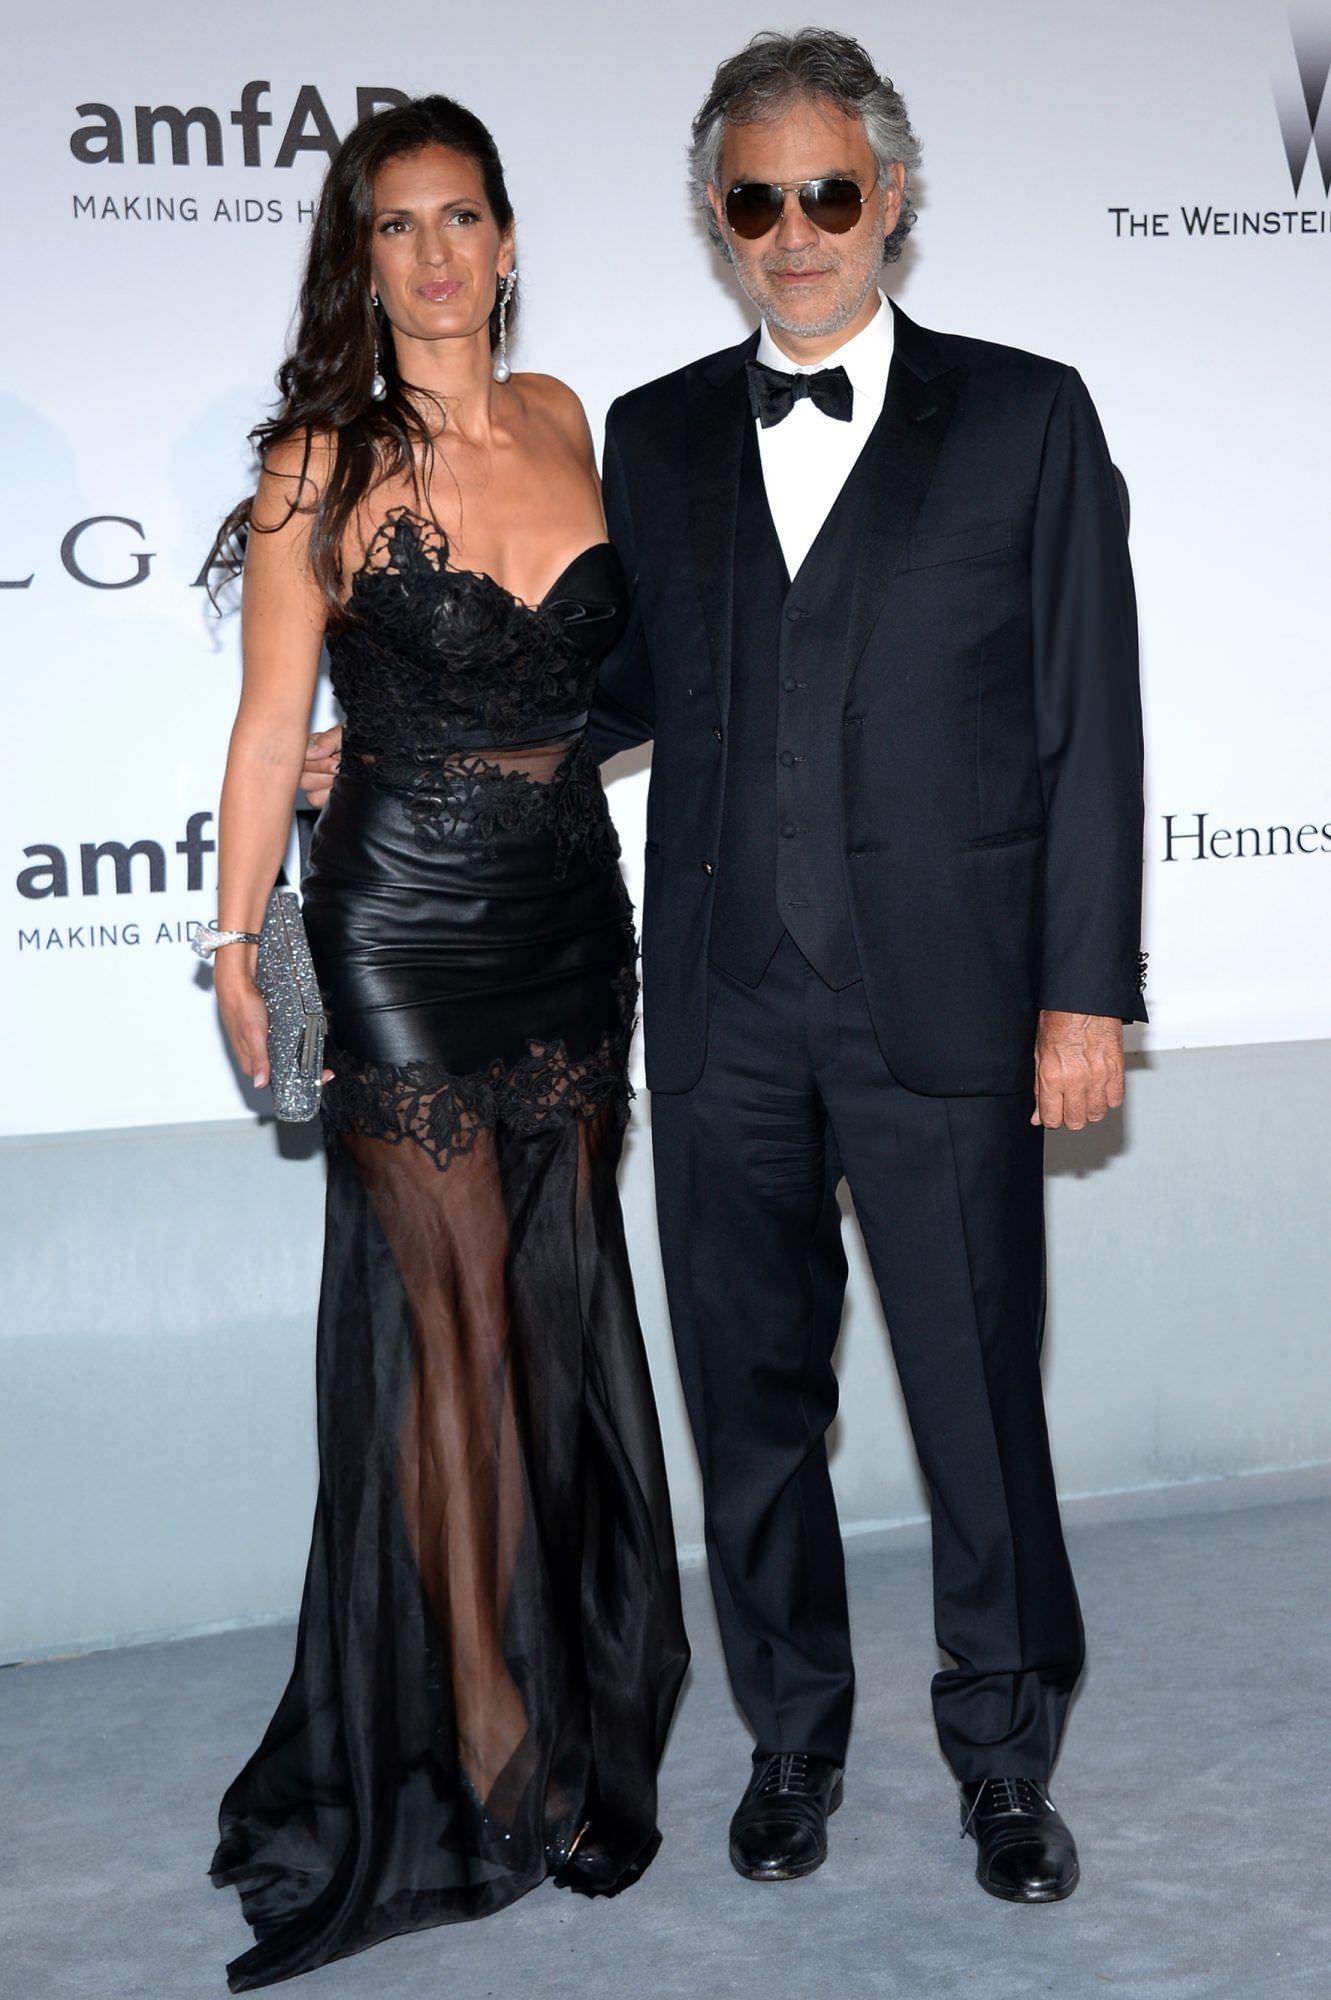 Abito di Ermanno Scervino per Veronica Berti Bocelli sulla croisette di Cannes